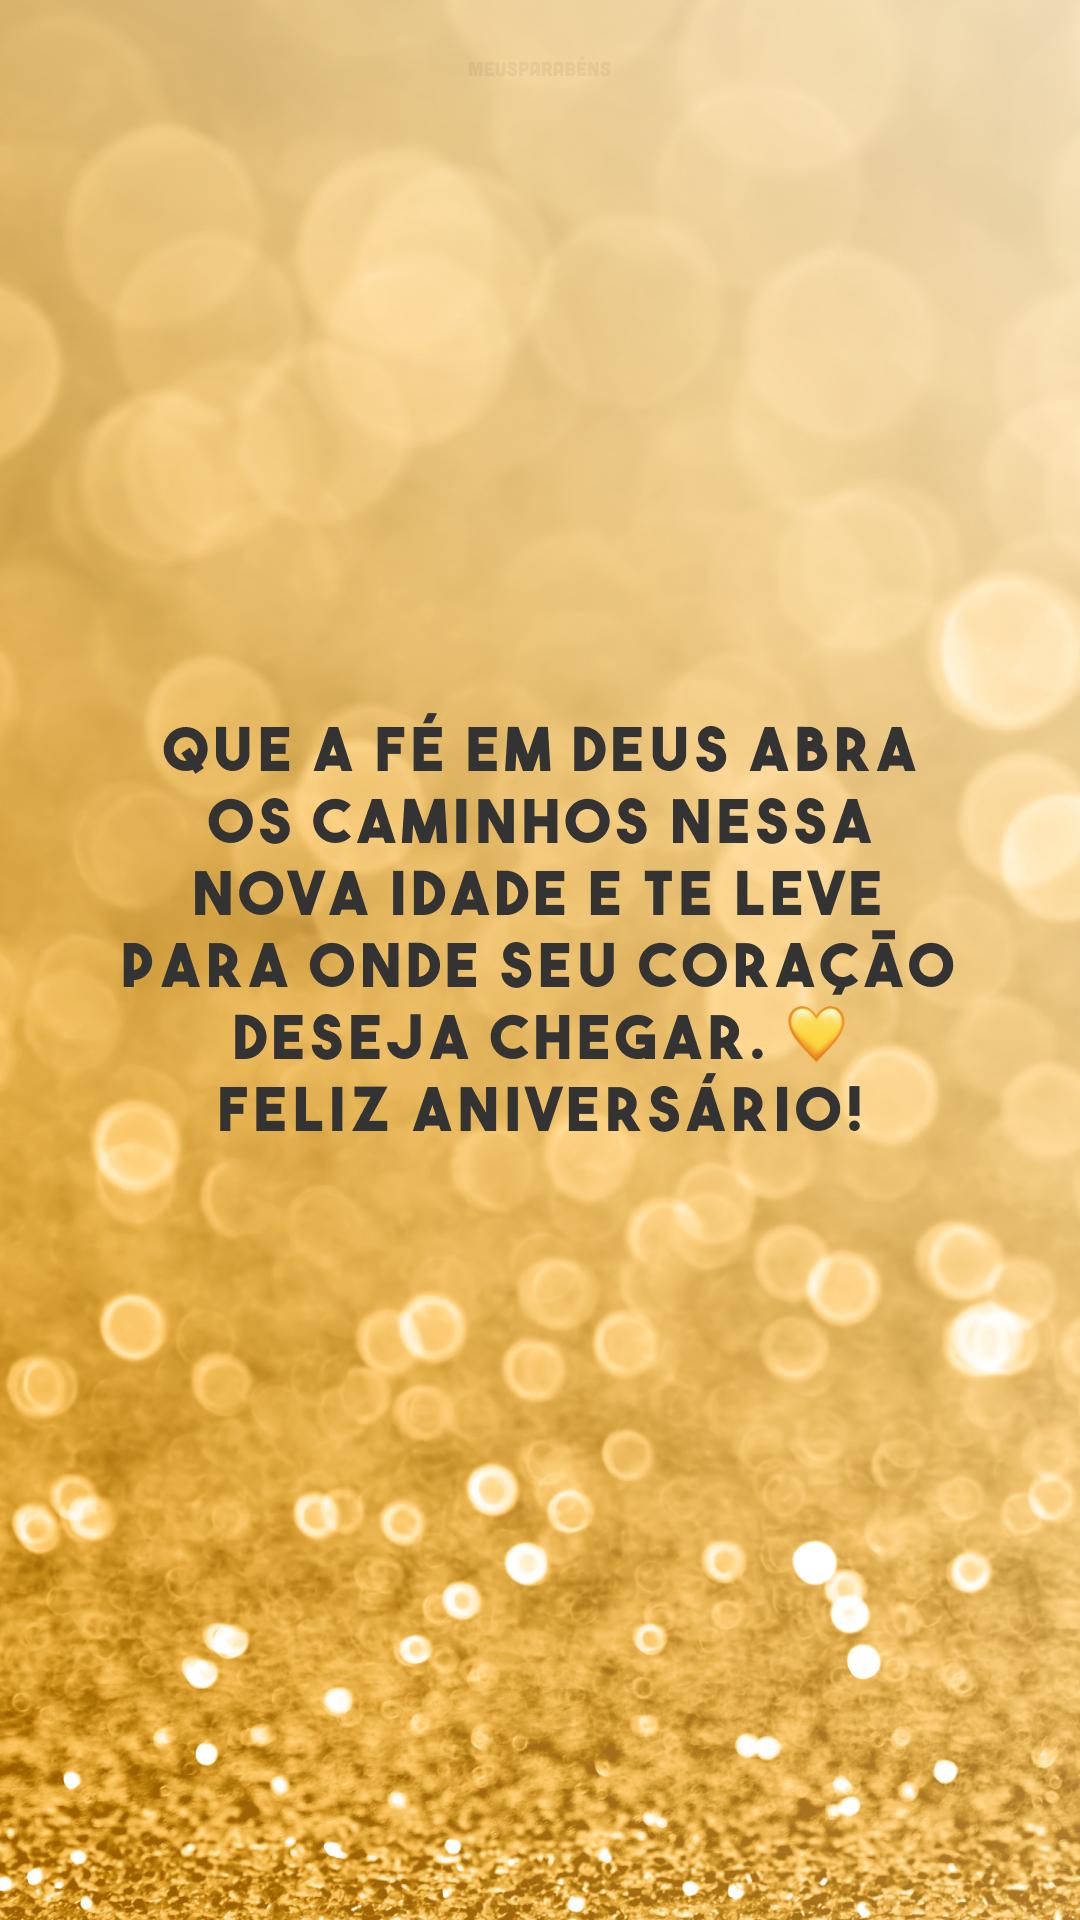 Que a fé em Deus abra os caminhos nessa nova idade e te leve para onde seu coração deseja chegar. Feliz aniversário!